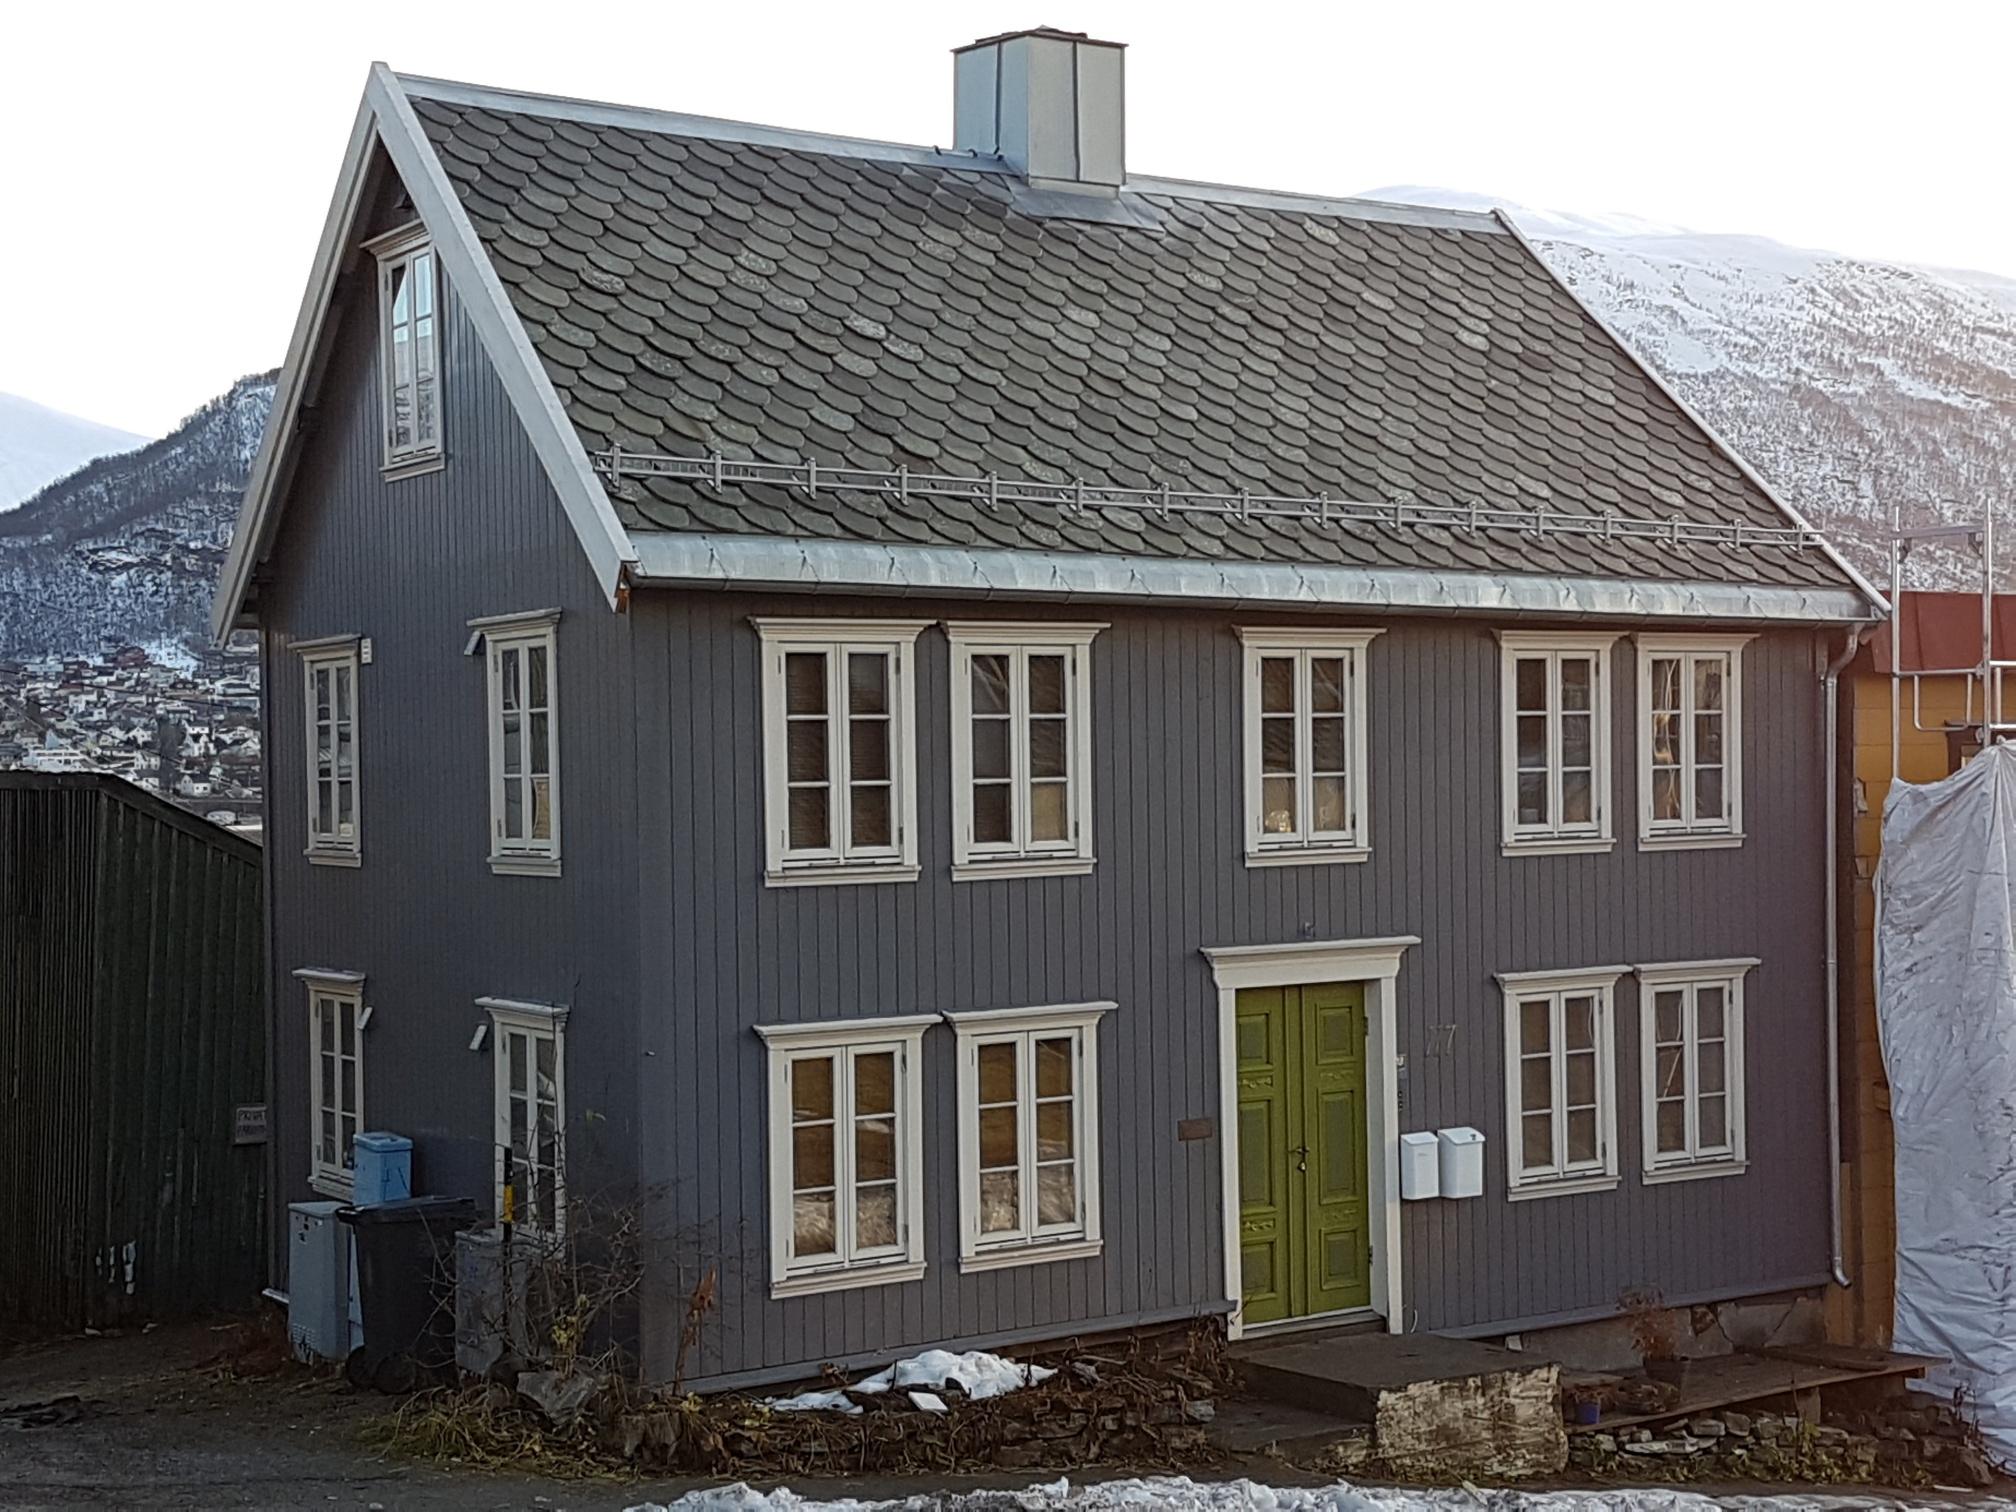 Grønnegata 117 Tromsø